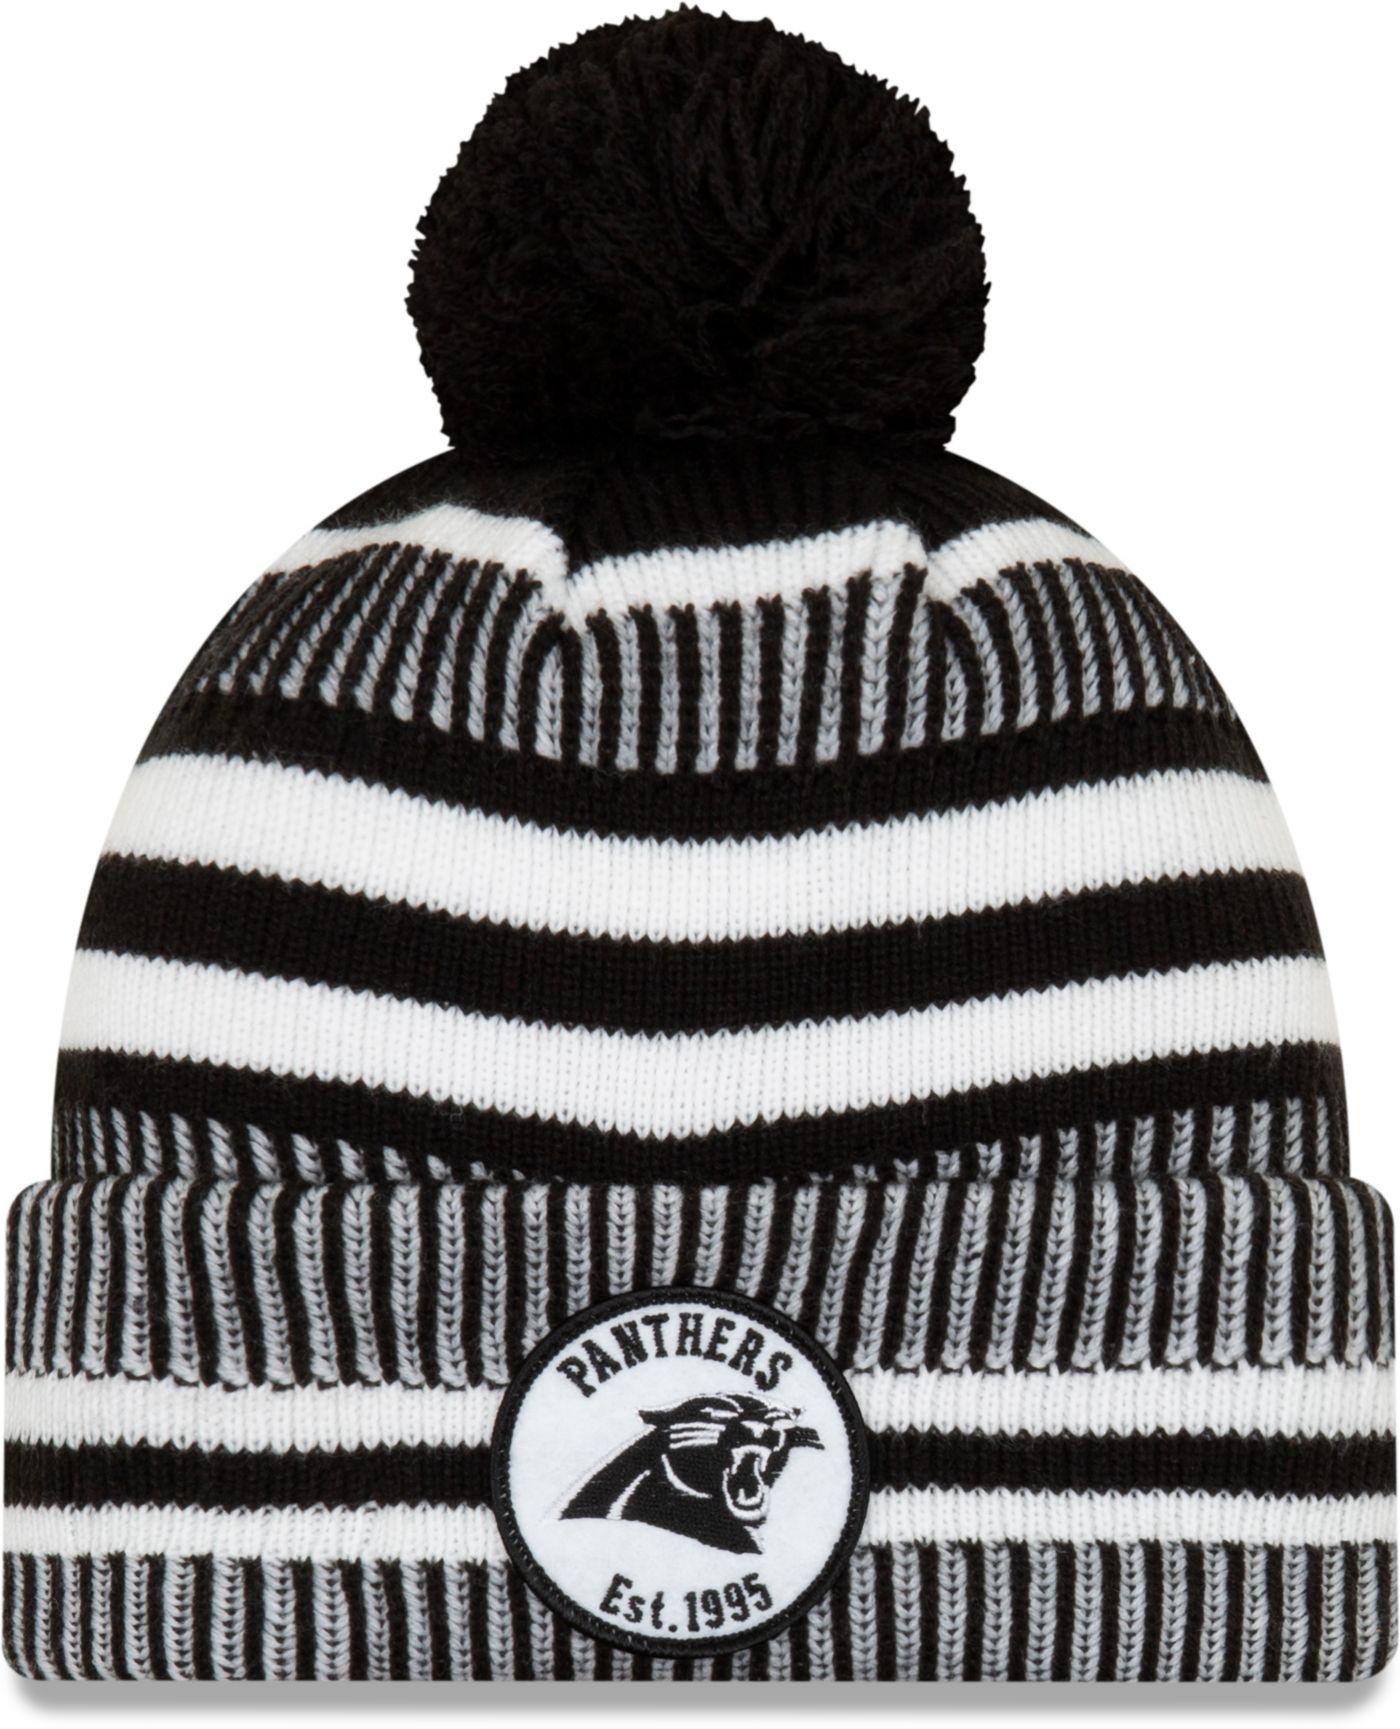 New Era Men's Carolina Panthers Sideline Home Sport Pom Knit